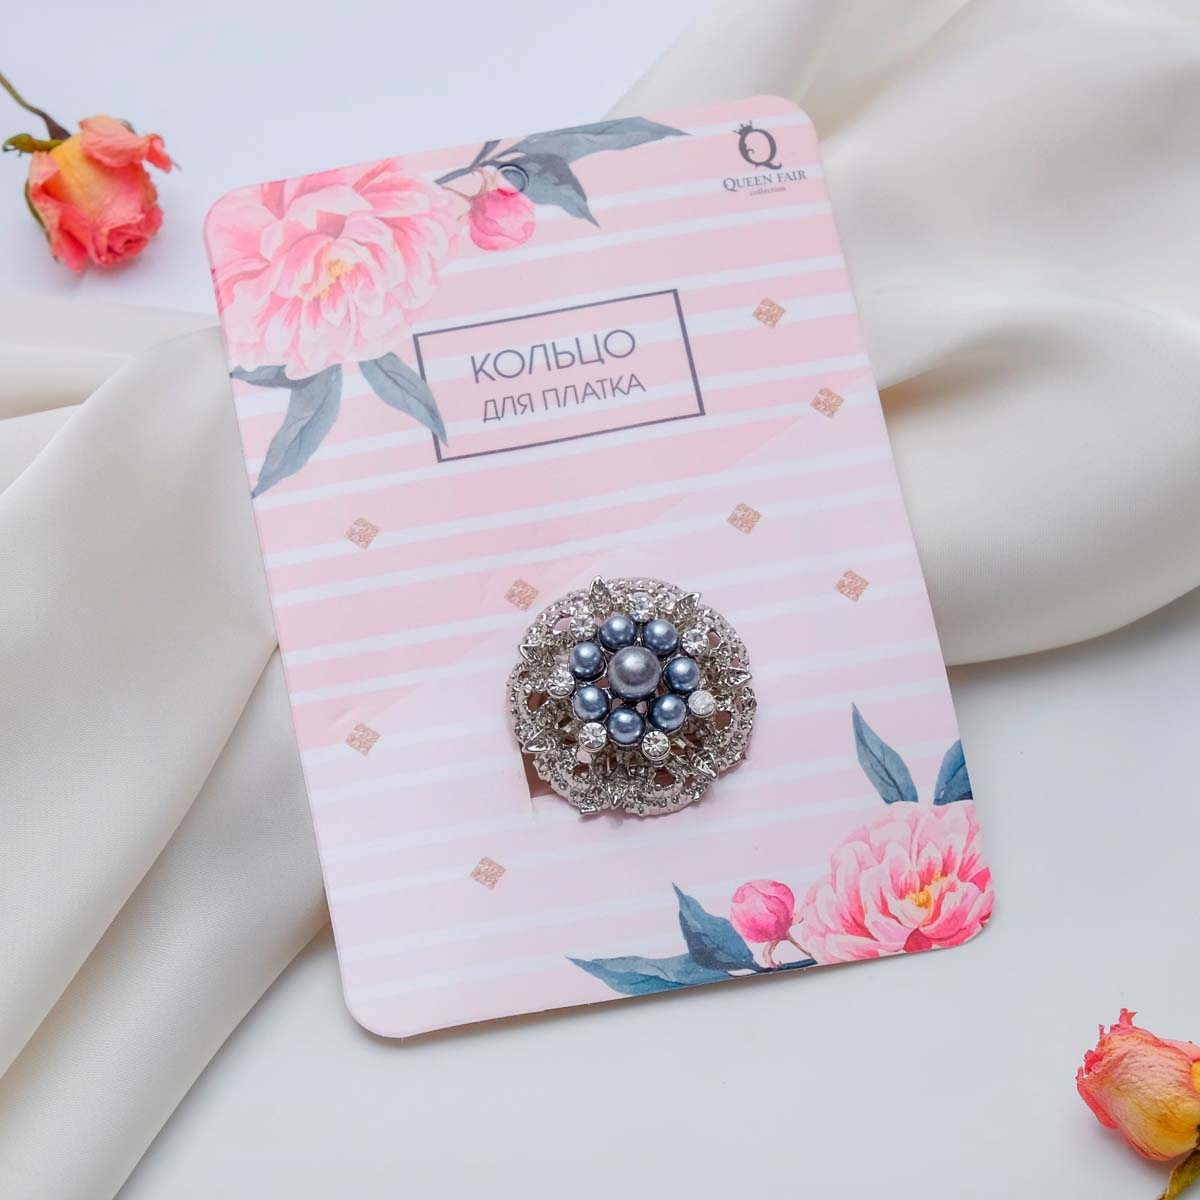 3924740 Кольцо для платка 'Букет жемчужный', цвет бело-серый в серебре